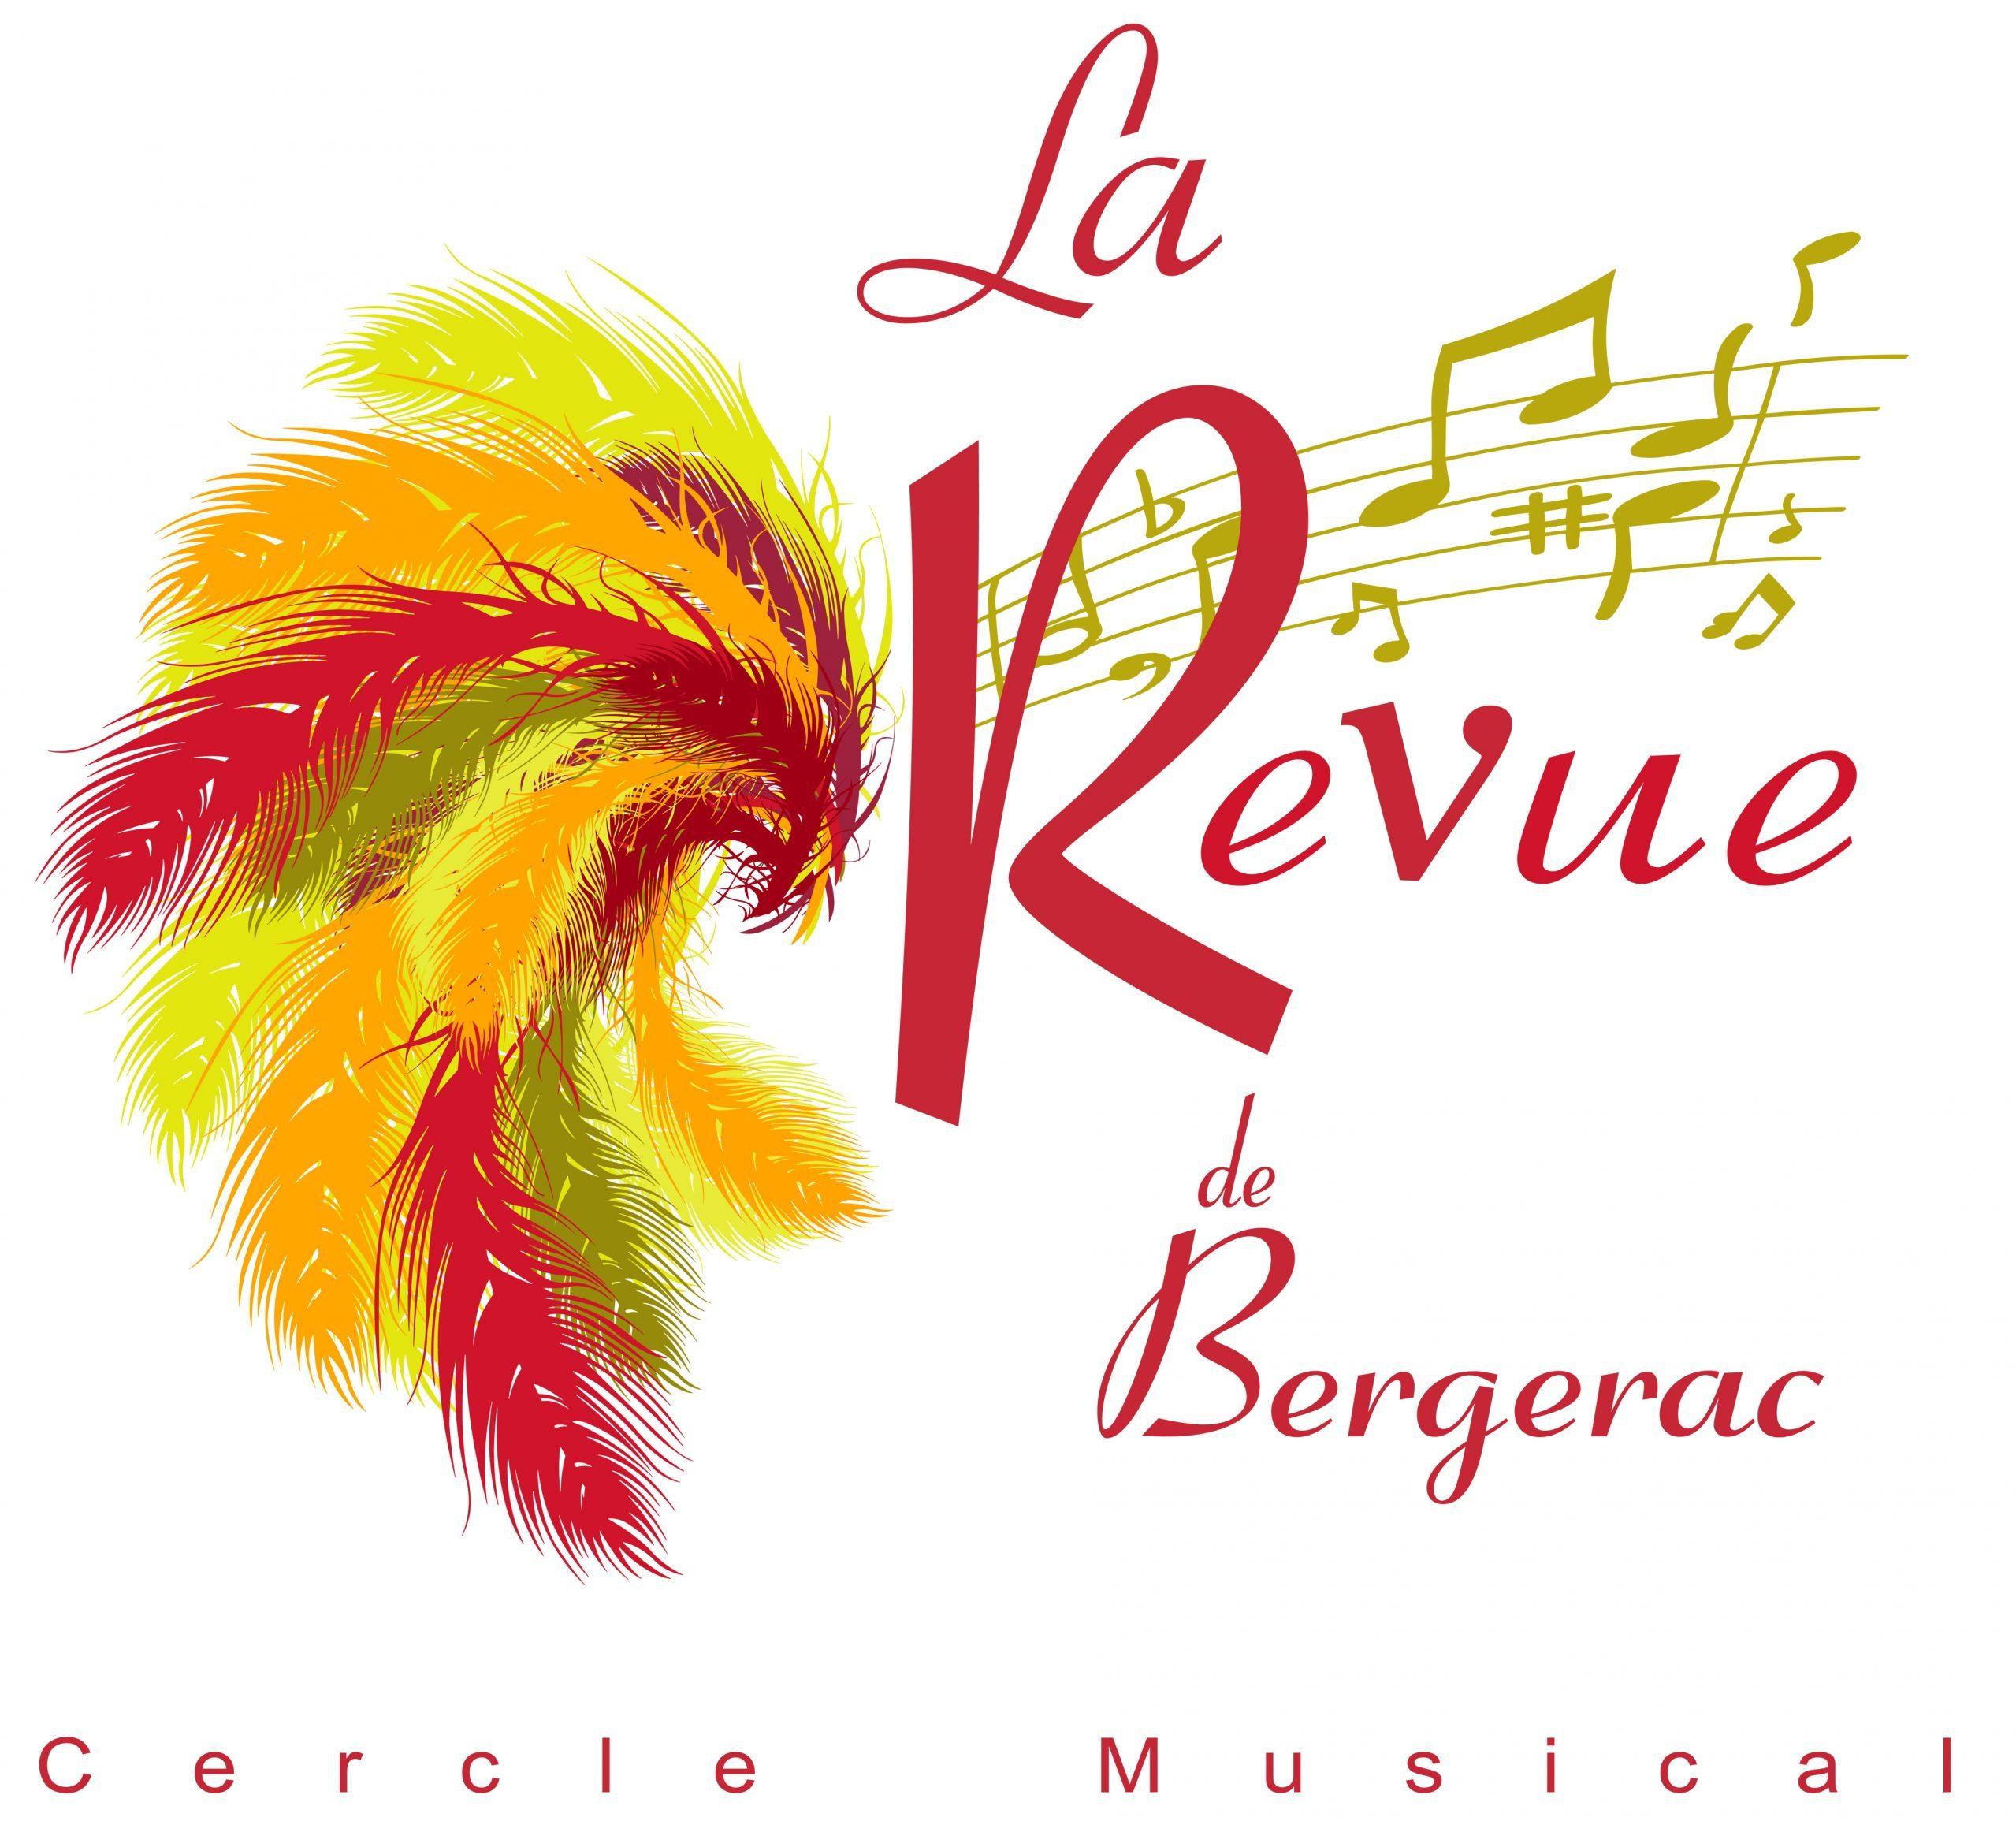 La Revue de Bergerac